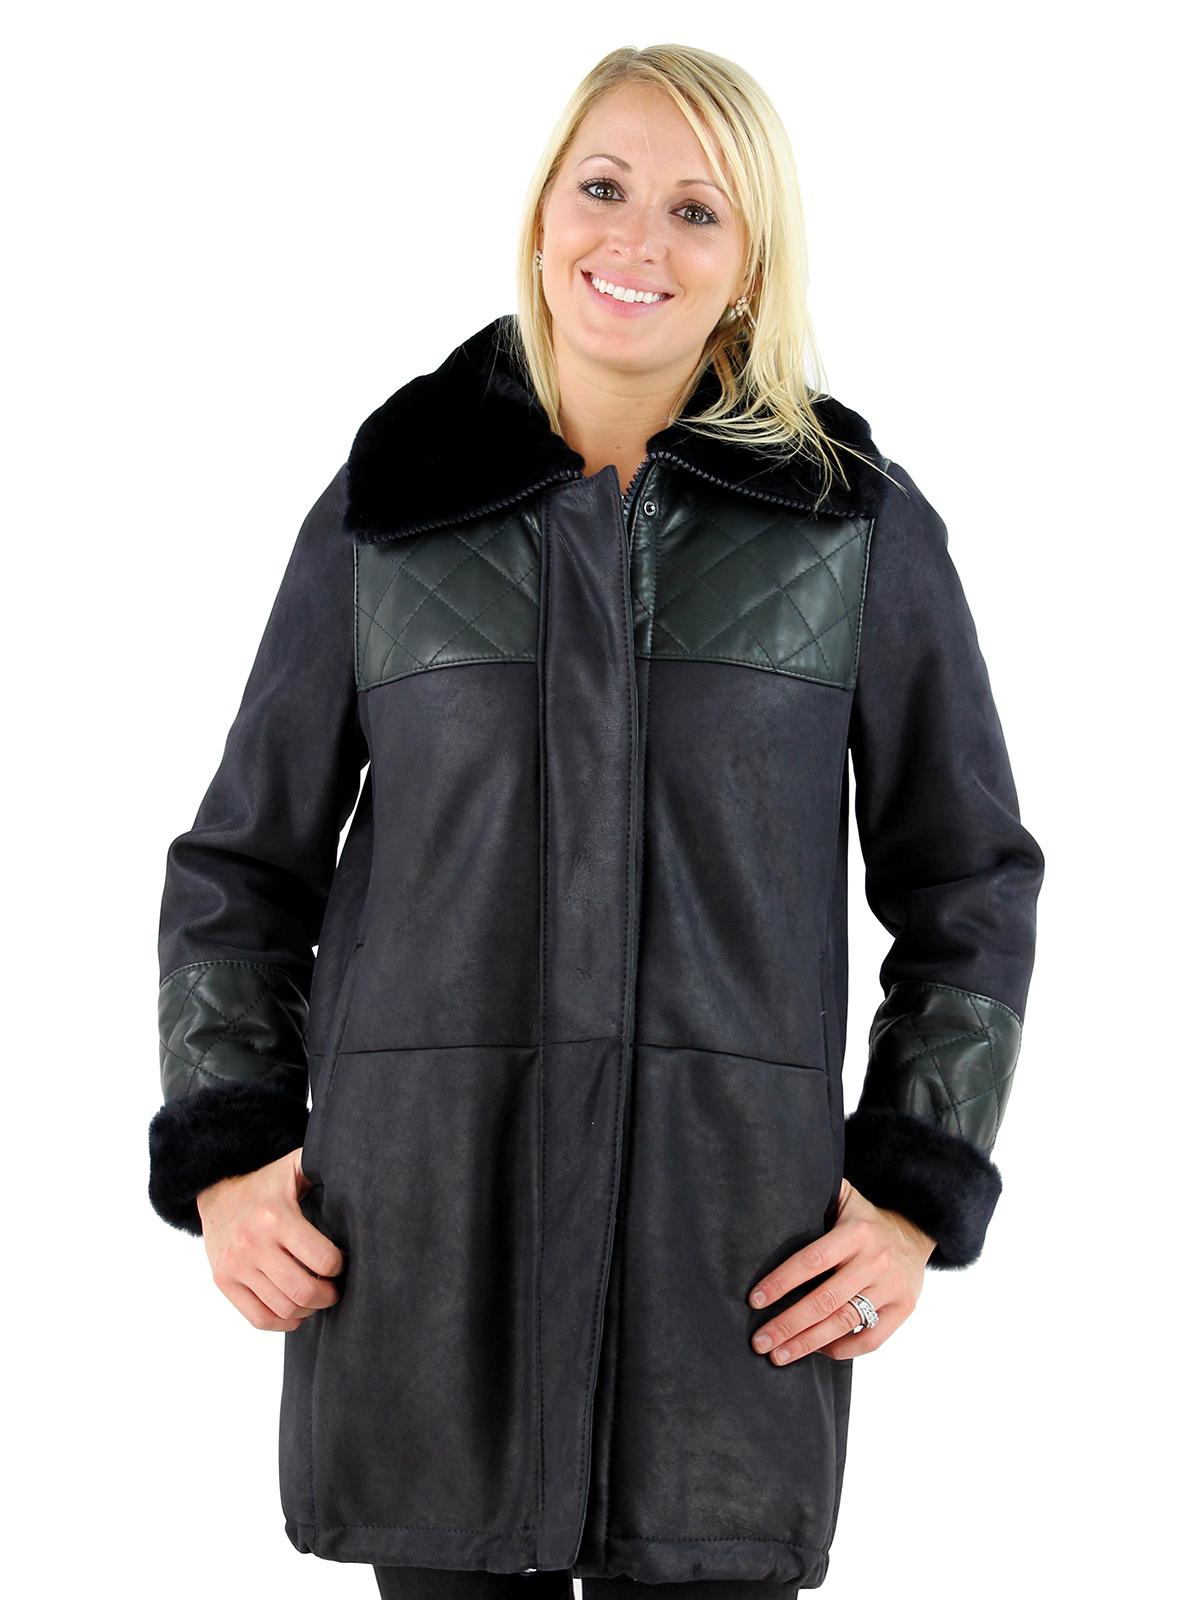 Woman's Navy Shearling Jacket